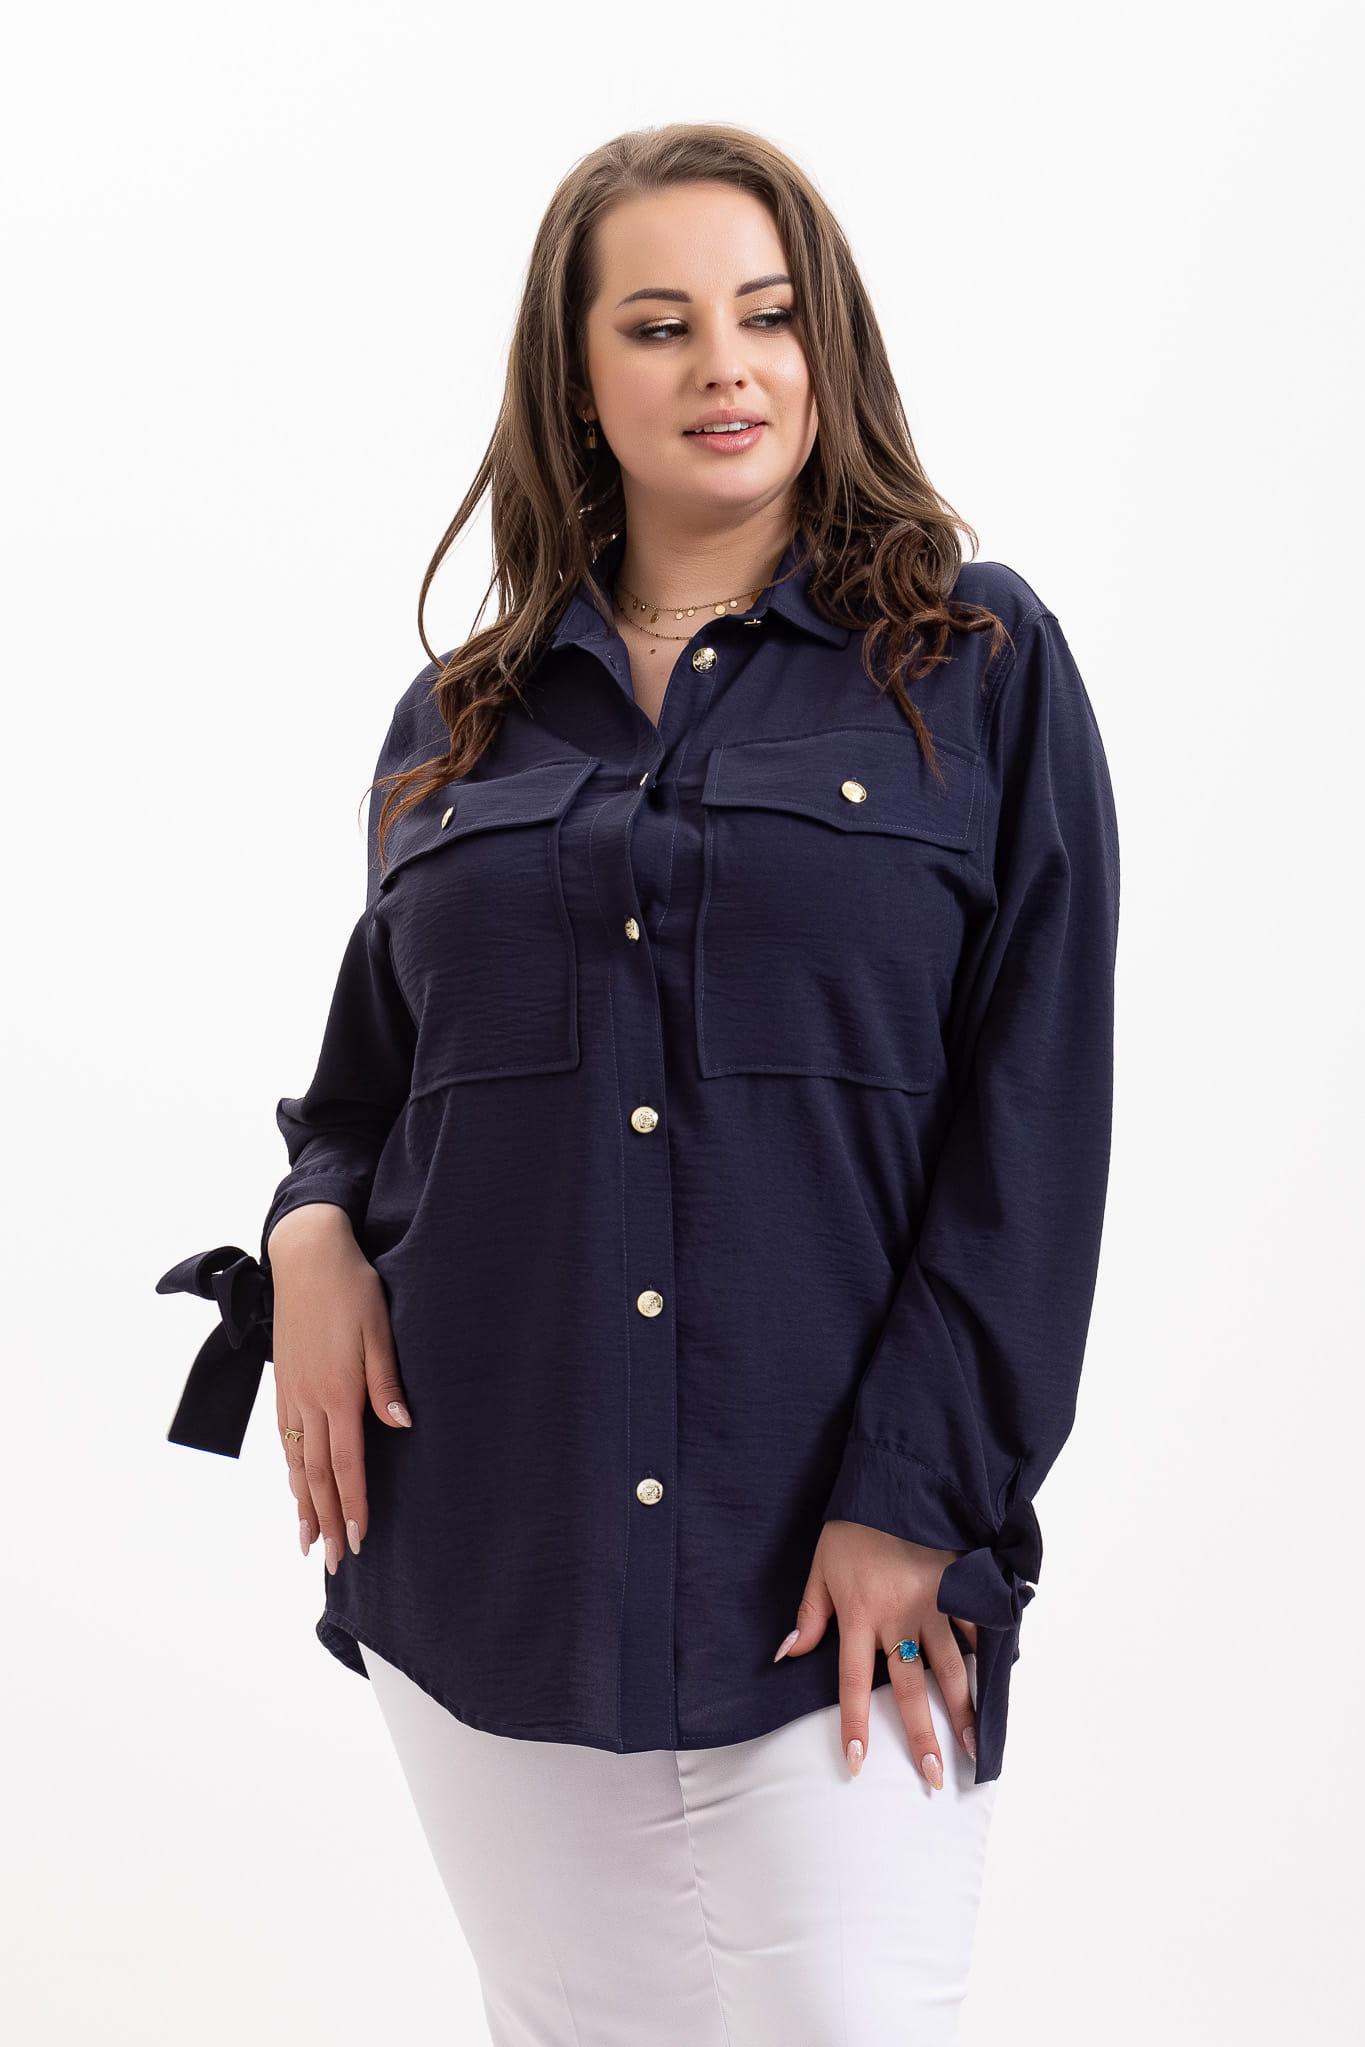 Granatowa koszula Audrey XXL OVERSIZE WIOSNA rozmiar 52 – Moda Size Plus